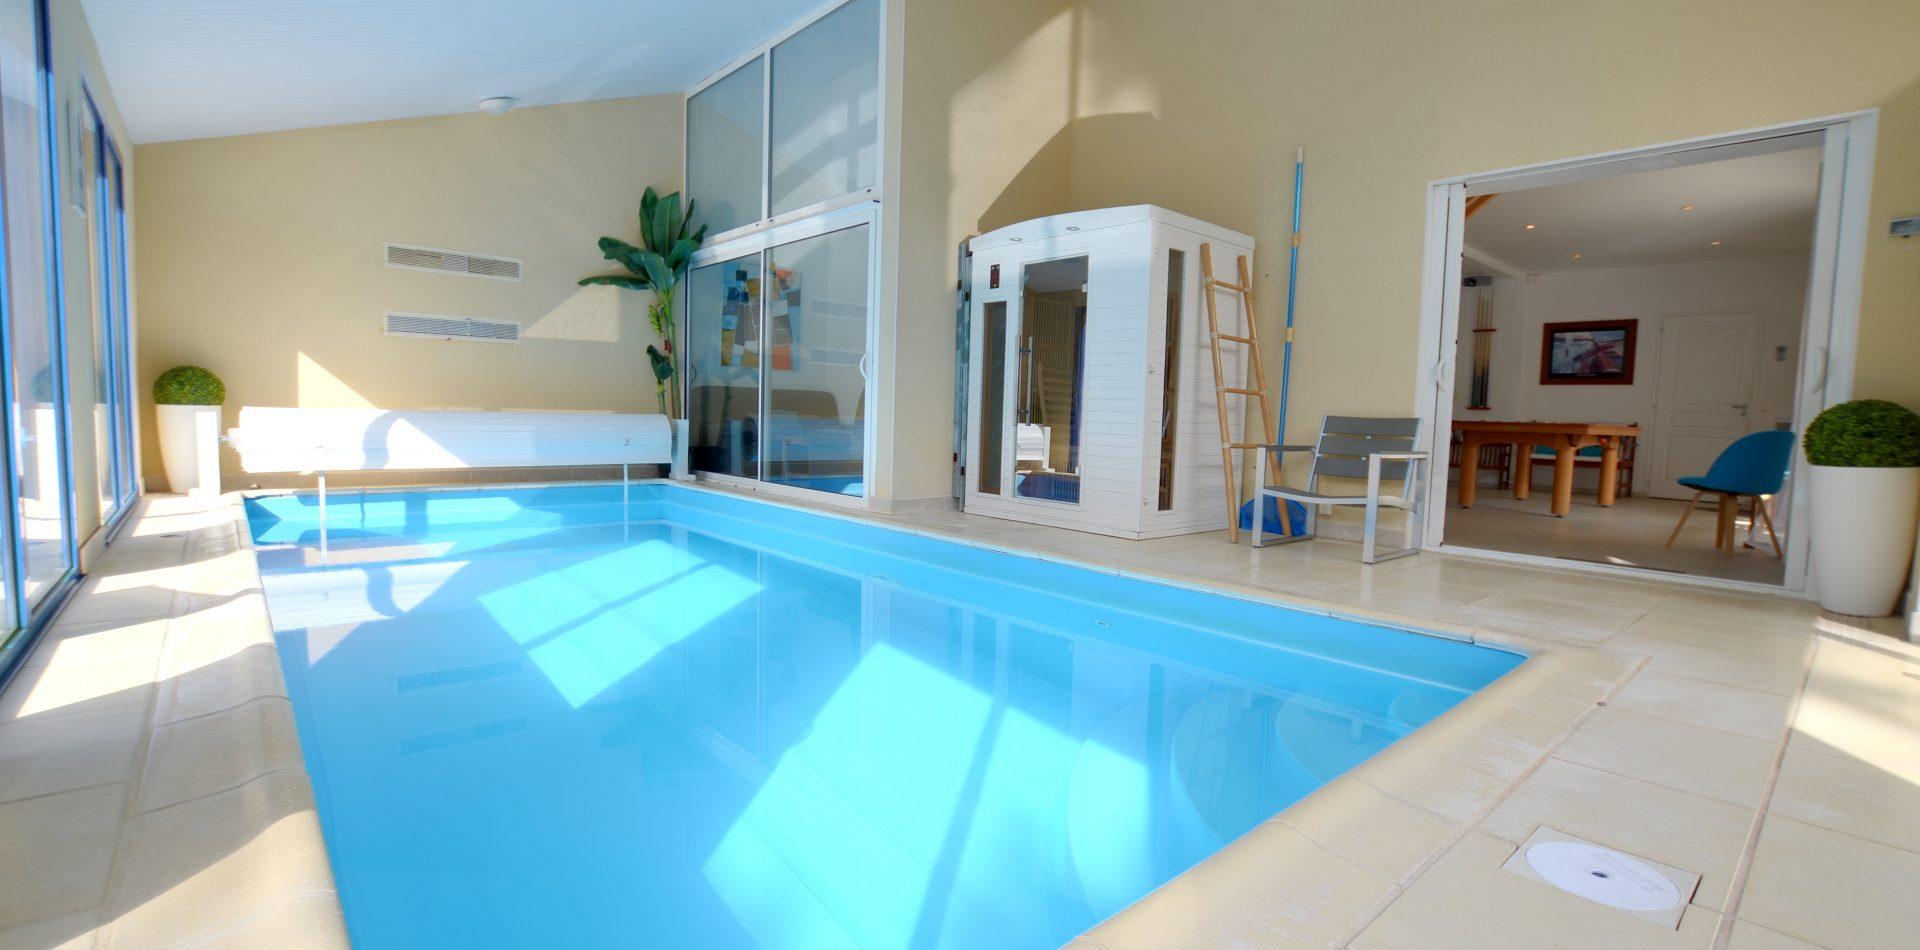 Villa Eden – Maison De Vacances***** En Vendée Avec Piscine ... concernant Location Maison Avec Piscine Intérieure